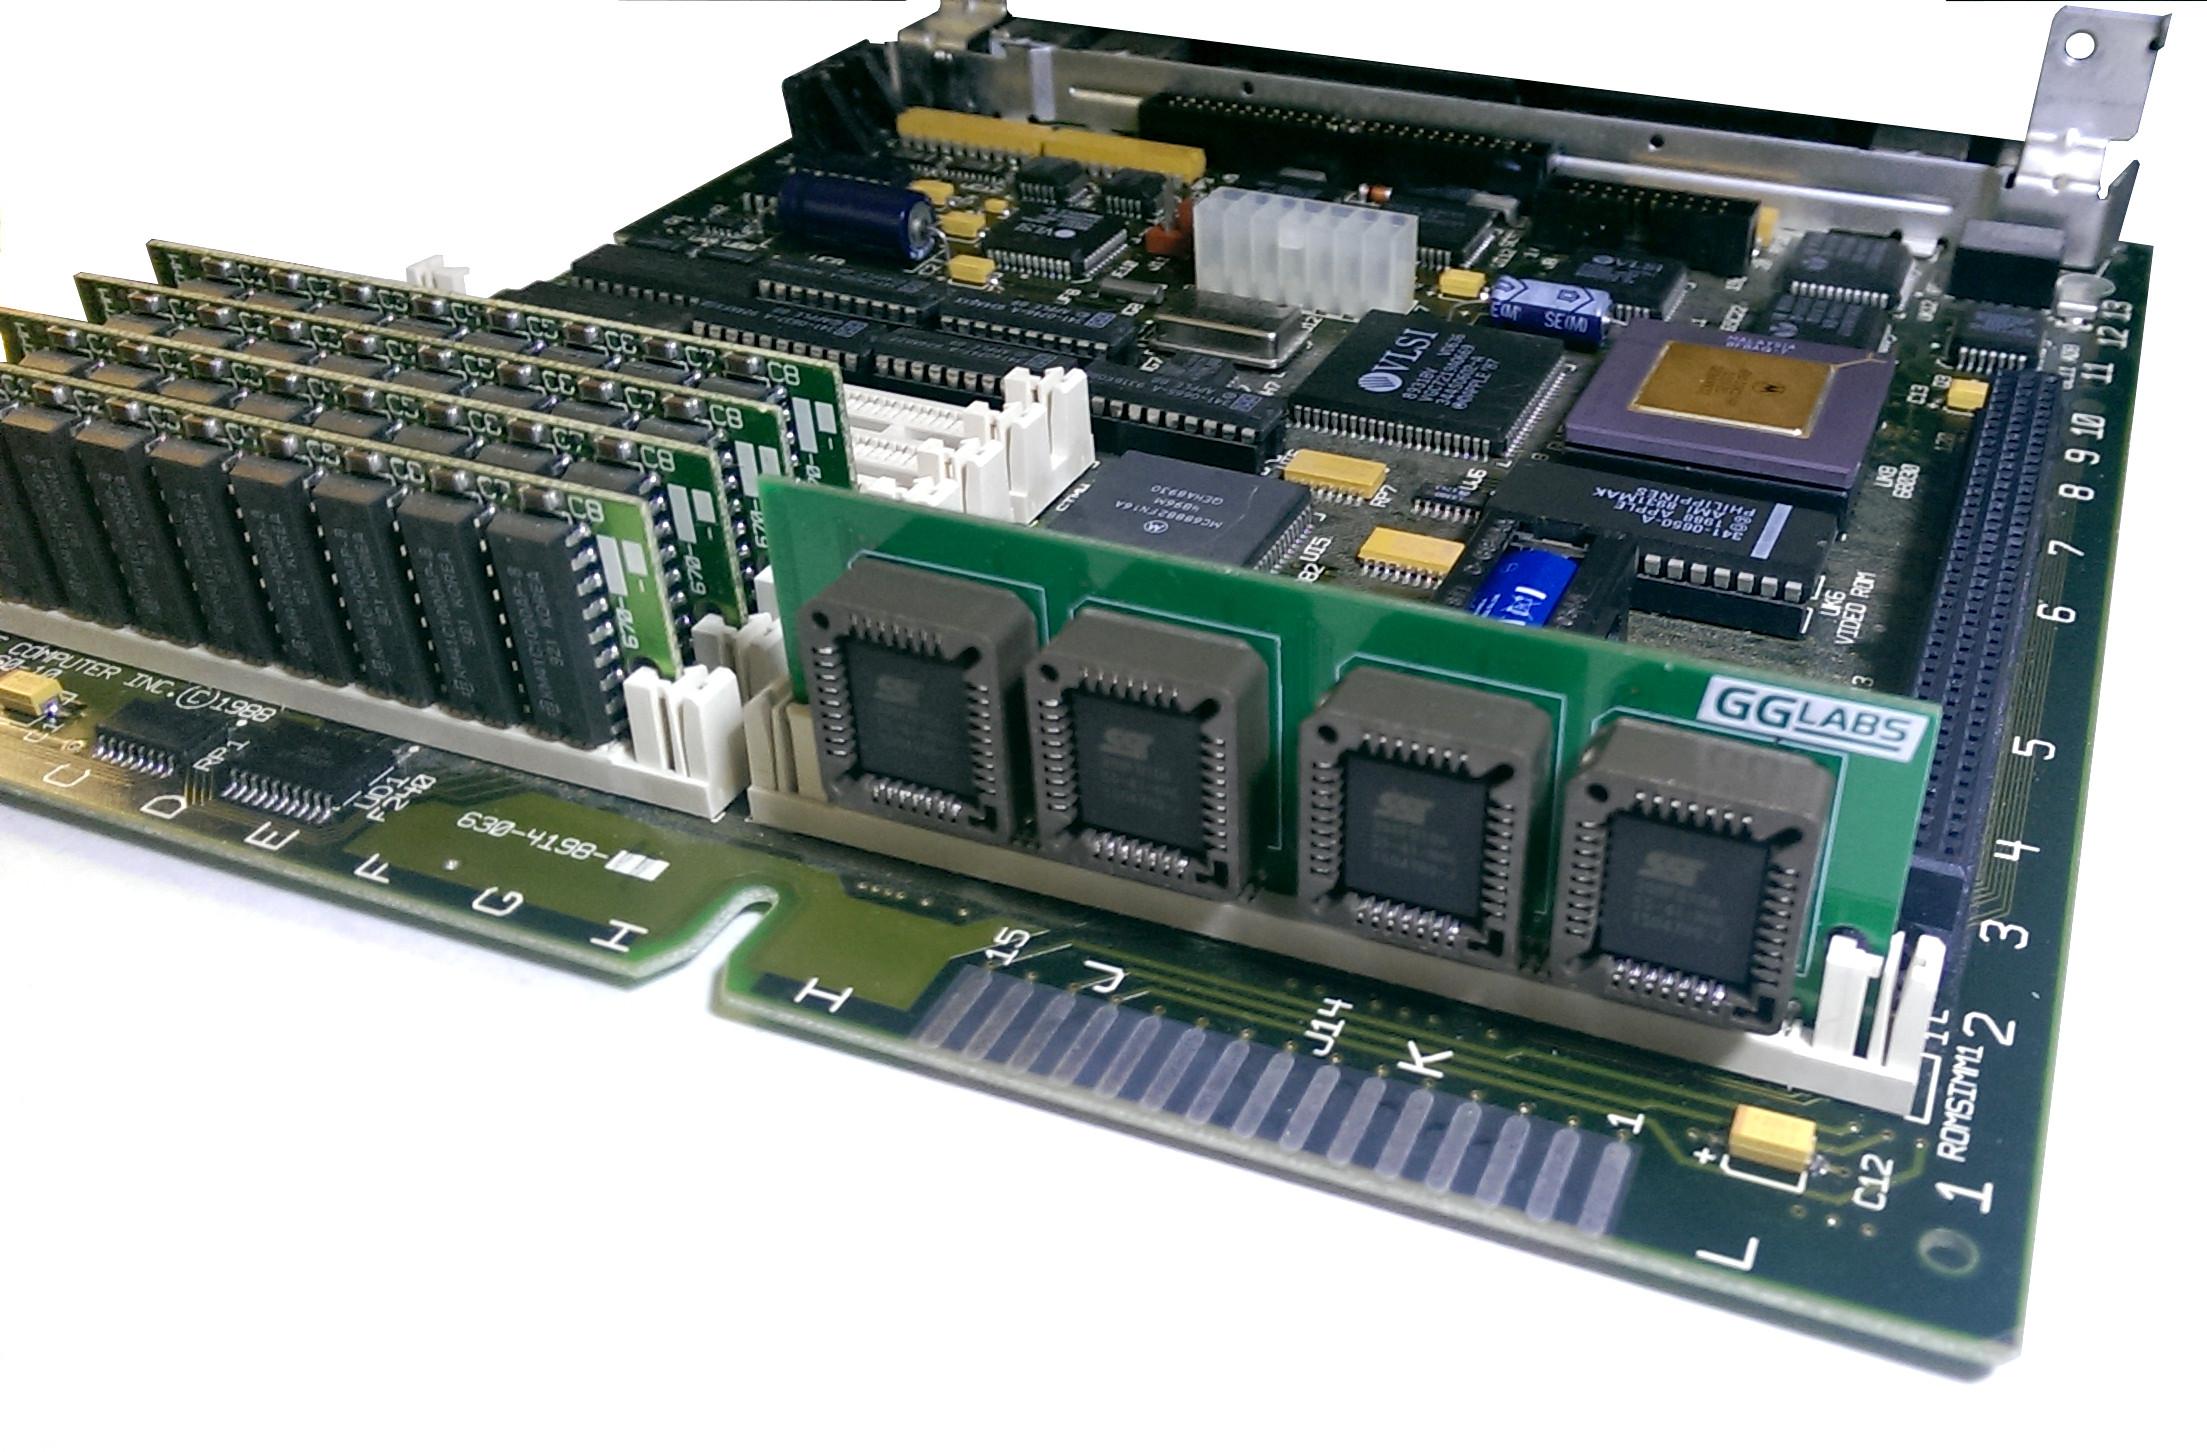 SE30 Motherboard